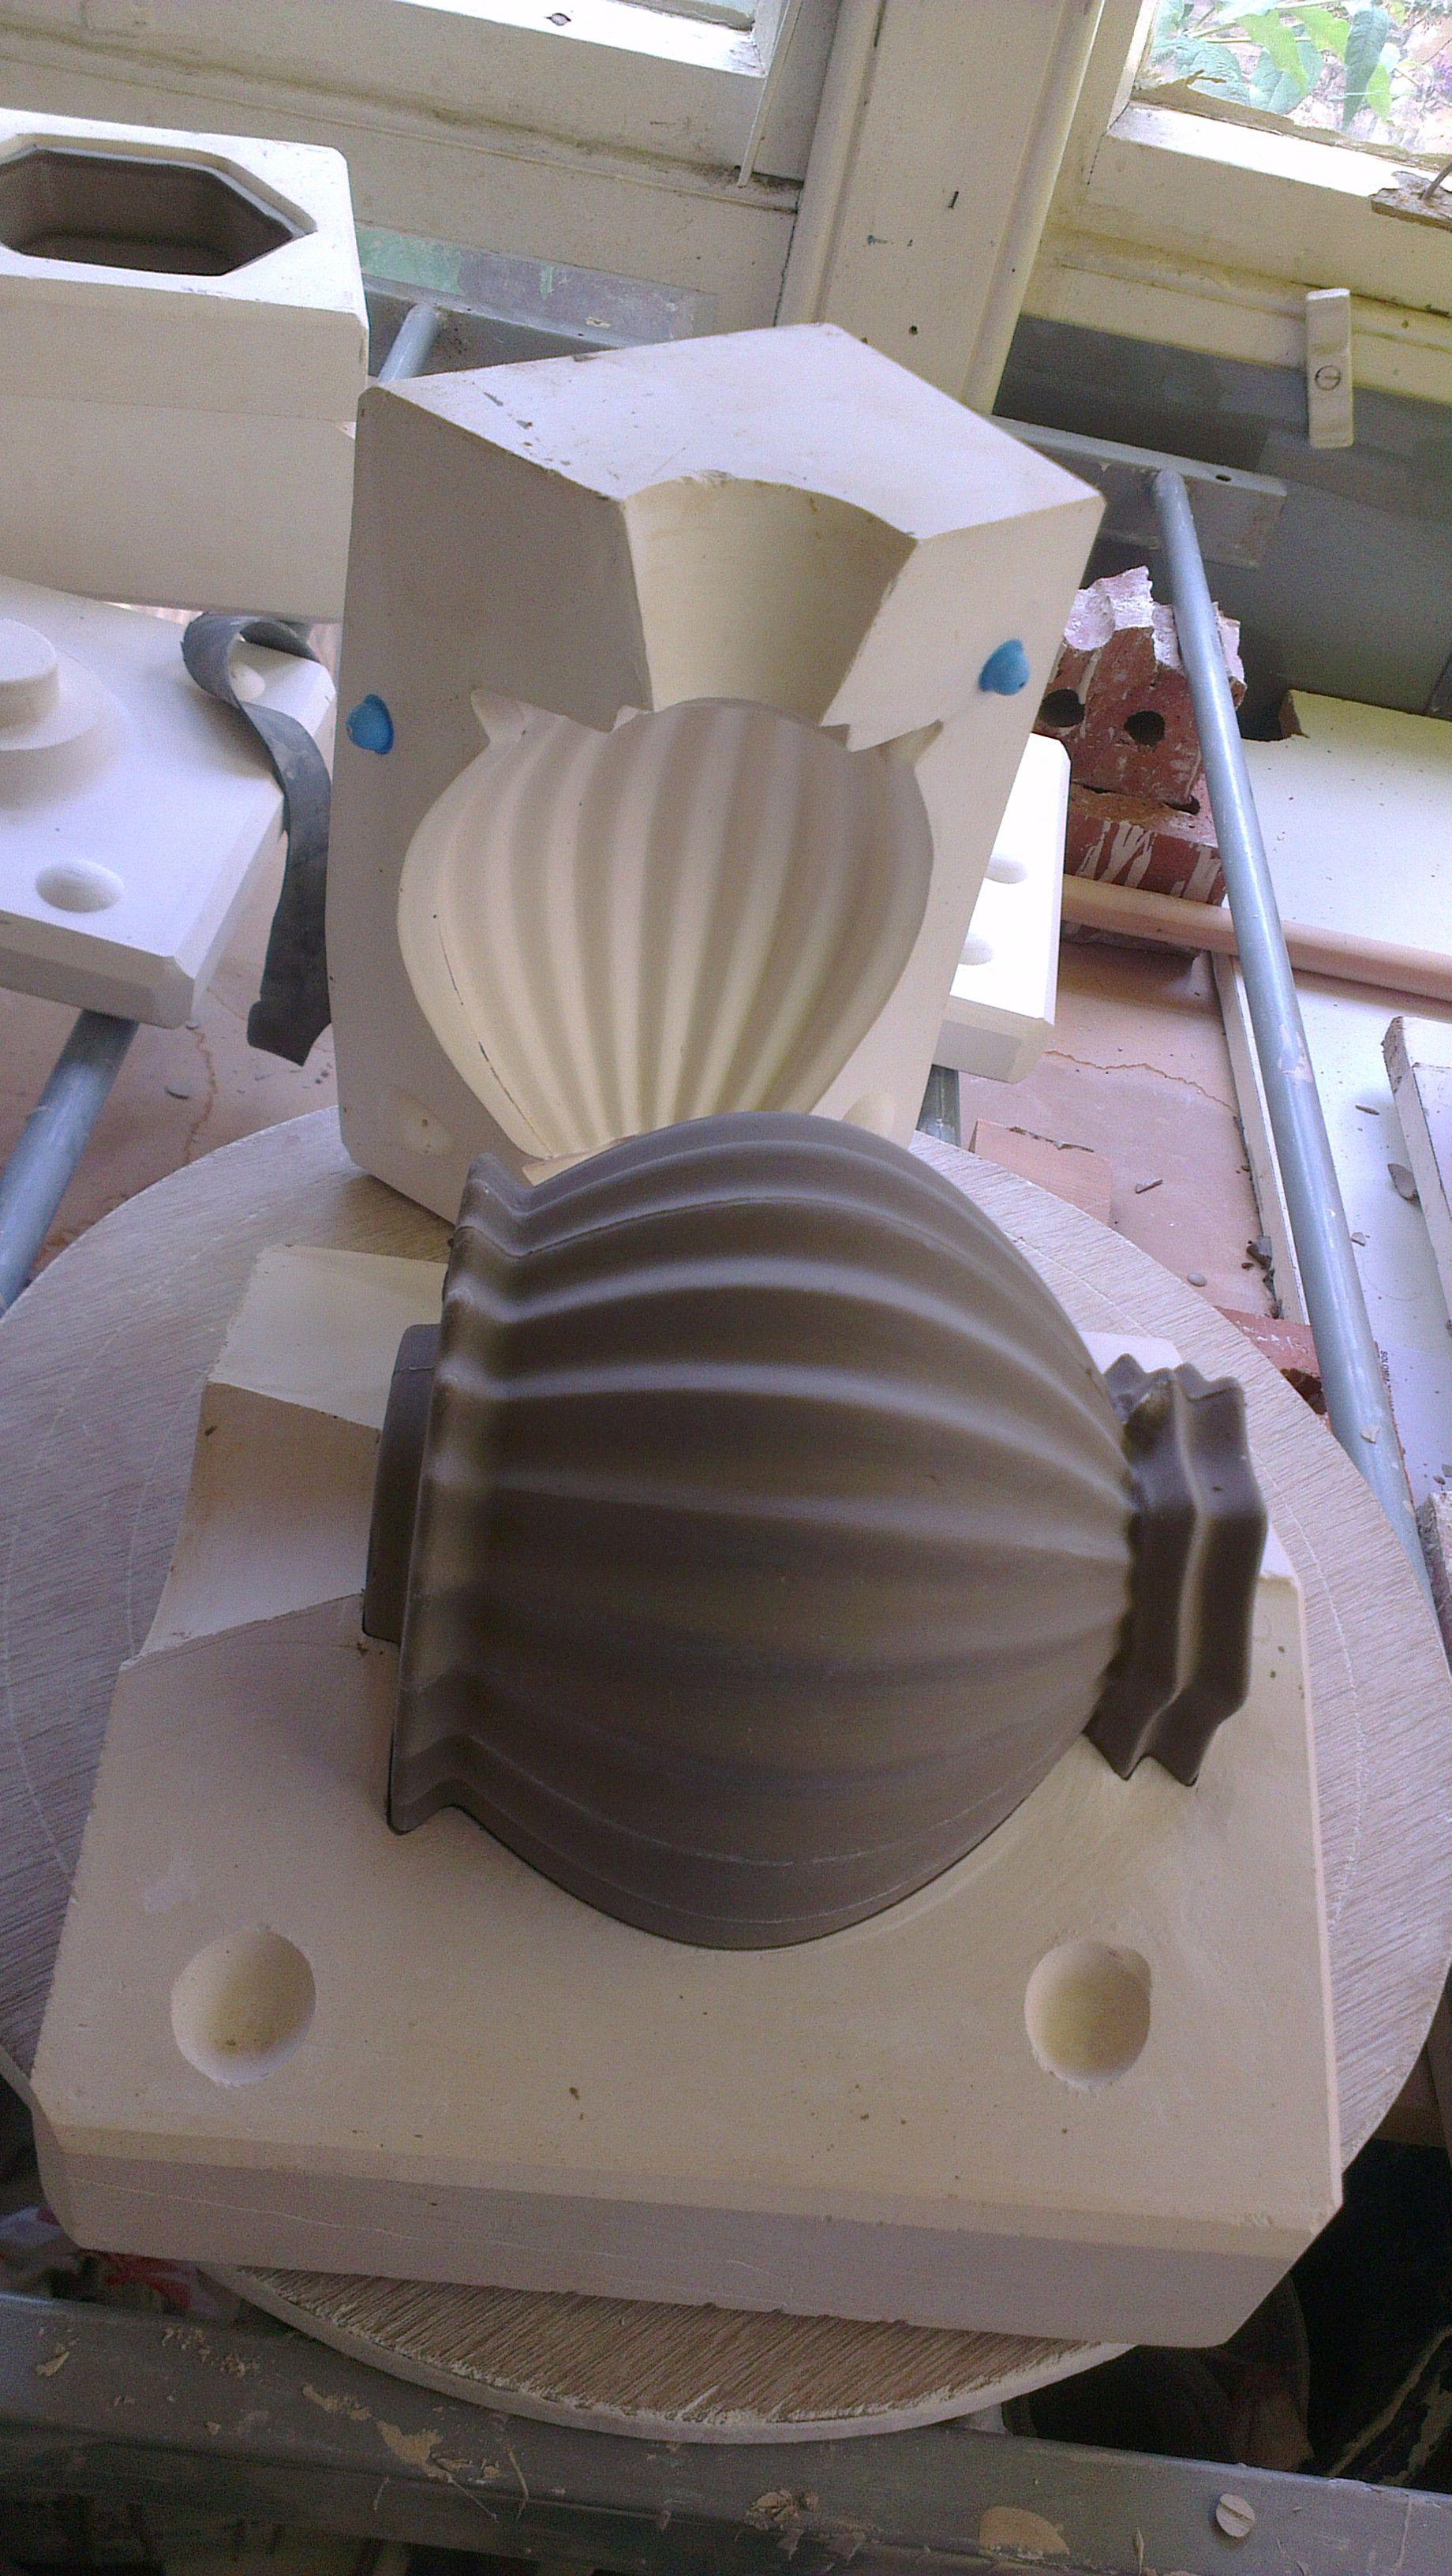 Totem Slip Casted In Plaster Mould Moldes De Yeso Moldes Para Resina Estudio De Ceramica